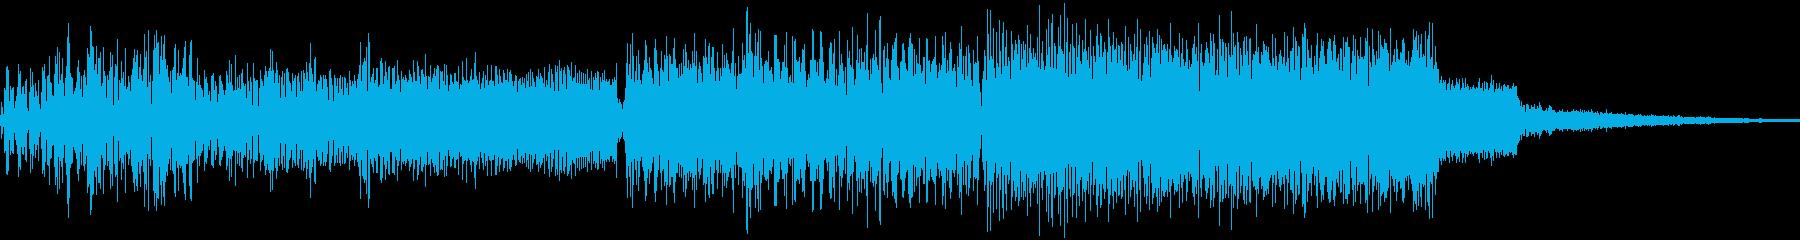 ゲーム、クリア、発表、達成効果音08の再生済みの波形